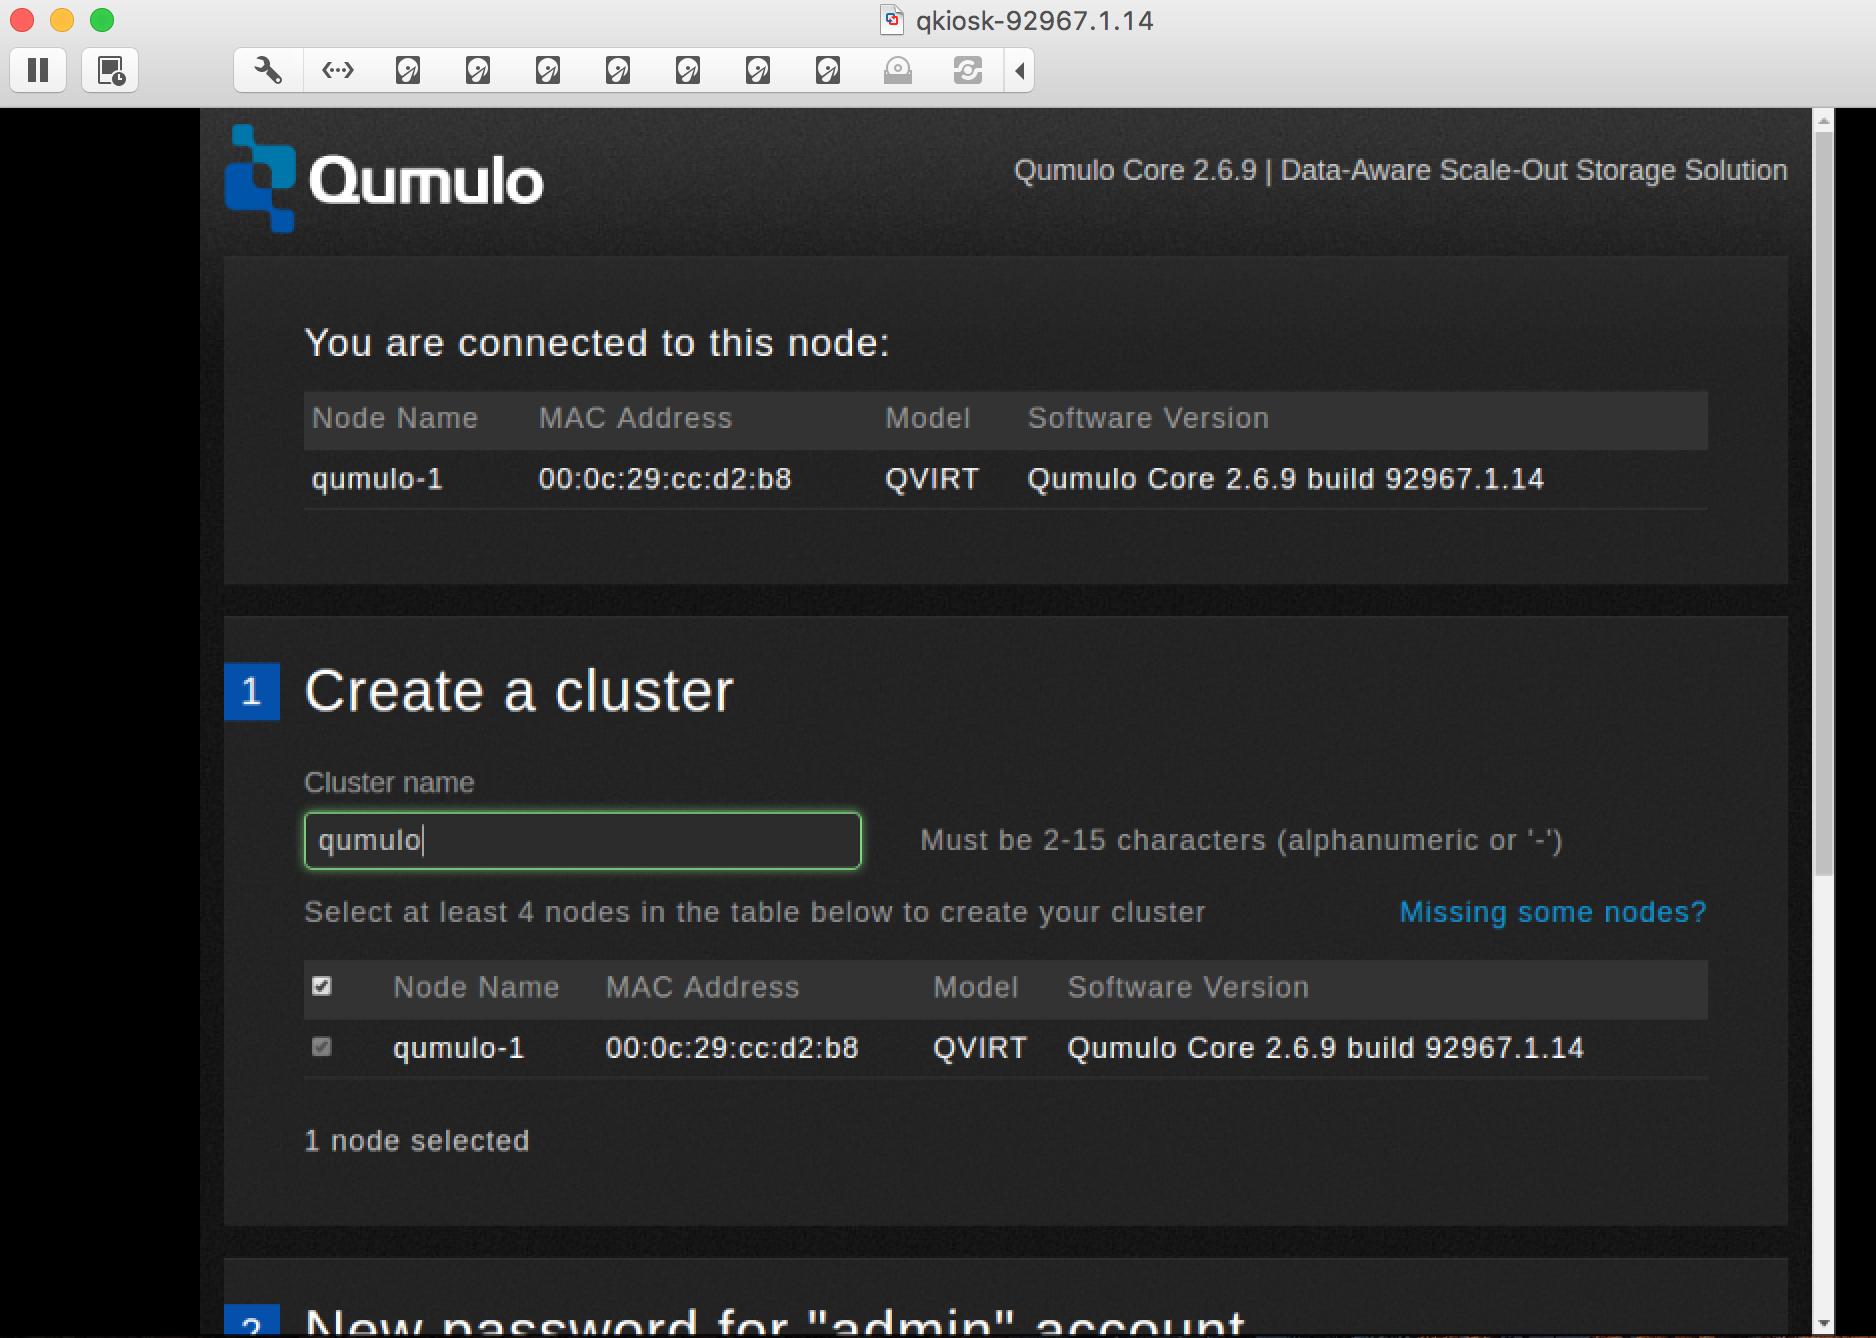 Qumulo configuration page